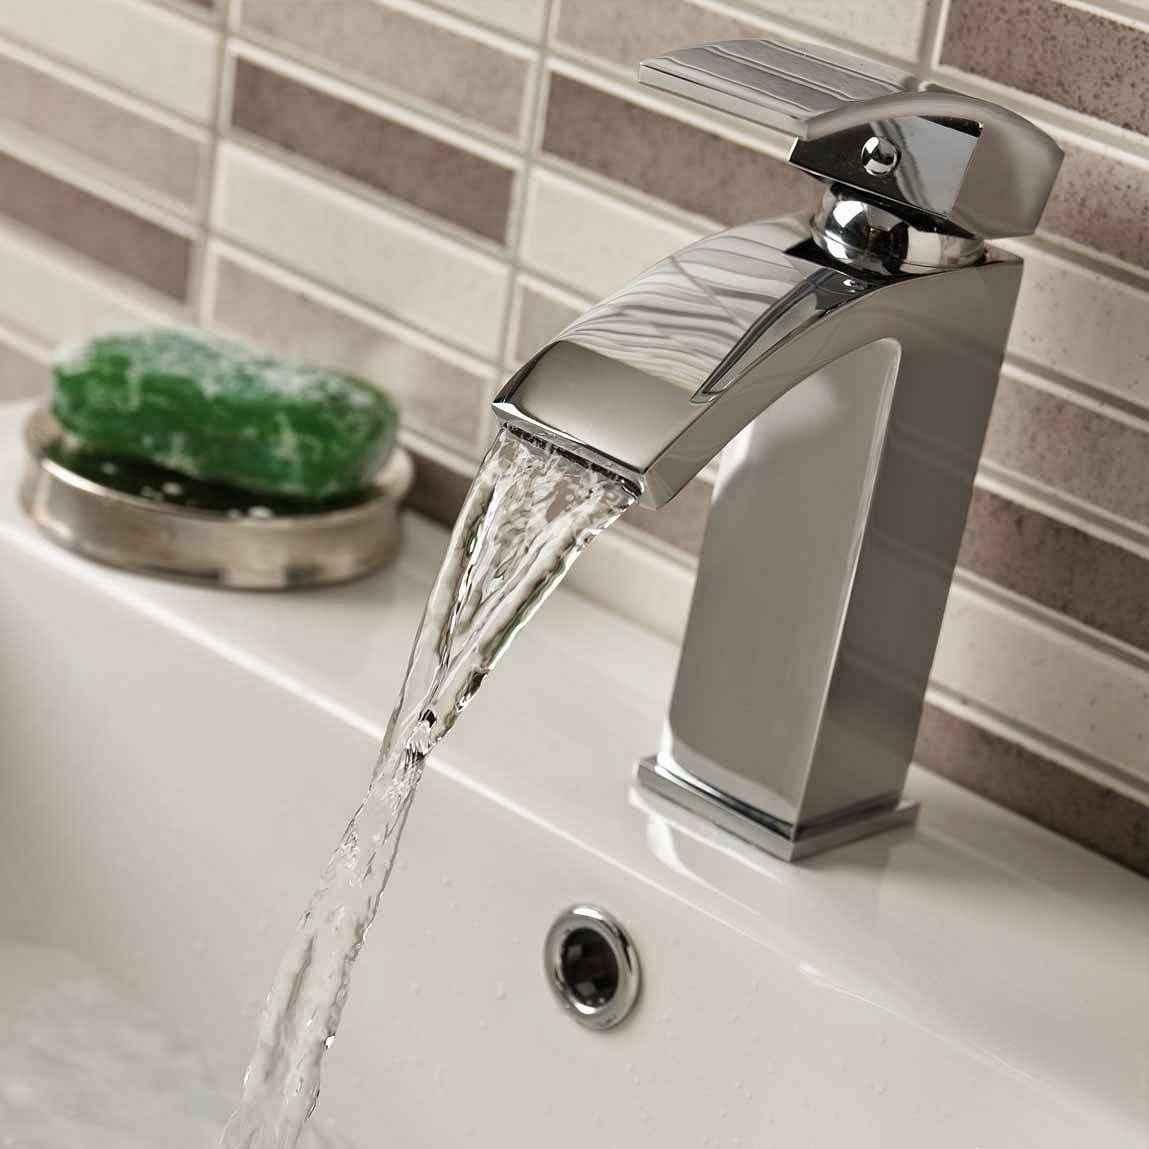 Για να βγάλετε τη σκουριά από το μπάνιο!